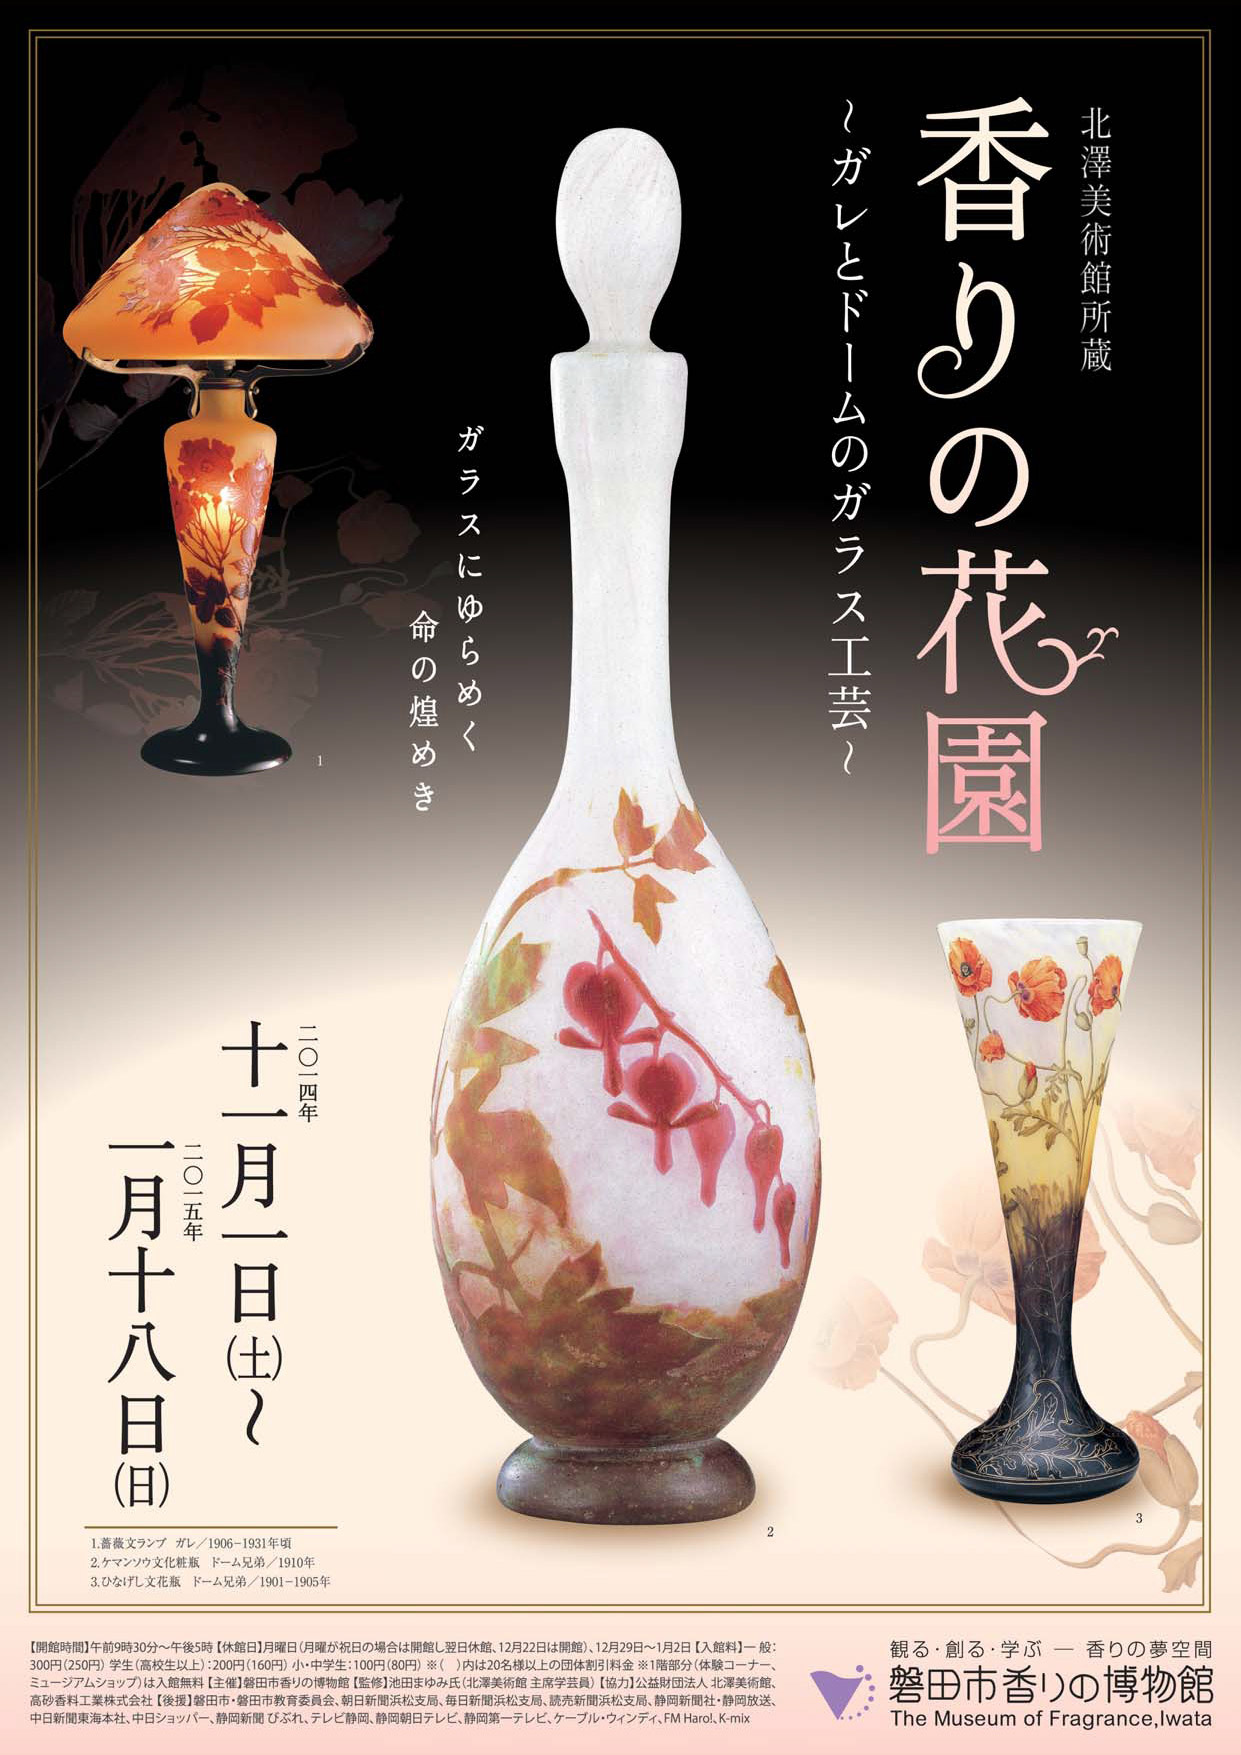 香りの花園展 ~ガレとドームのガラス工芸~